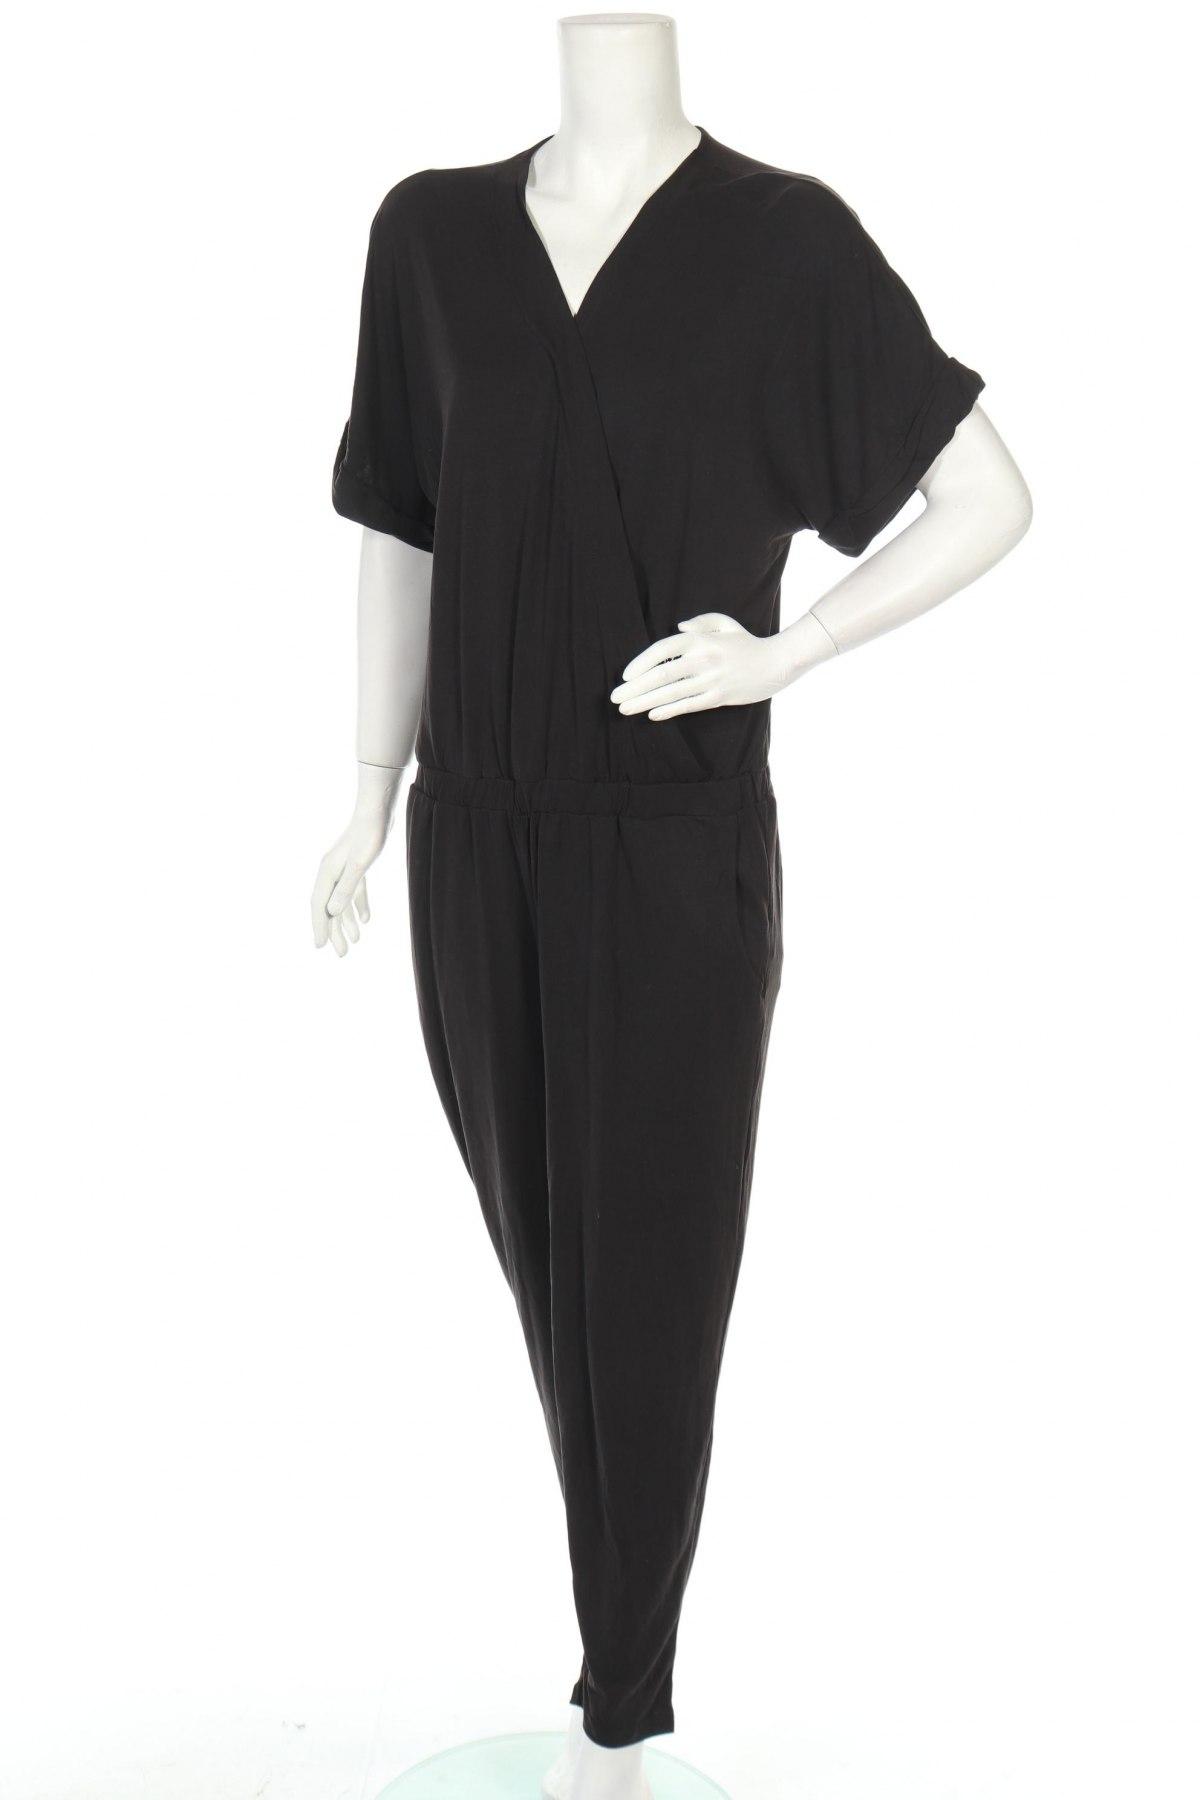 Γυναικεία σαλοπέτα Urban Classics, Μέγεθος M, Χρώμα Μαύρο, 77% μοντάλ, 23% πολυεστέρας, Τιμή 13,68€